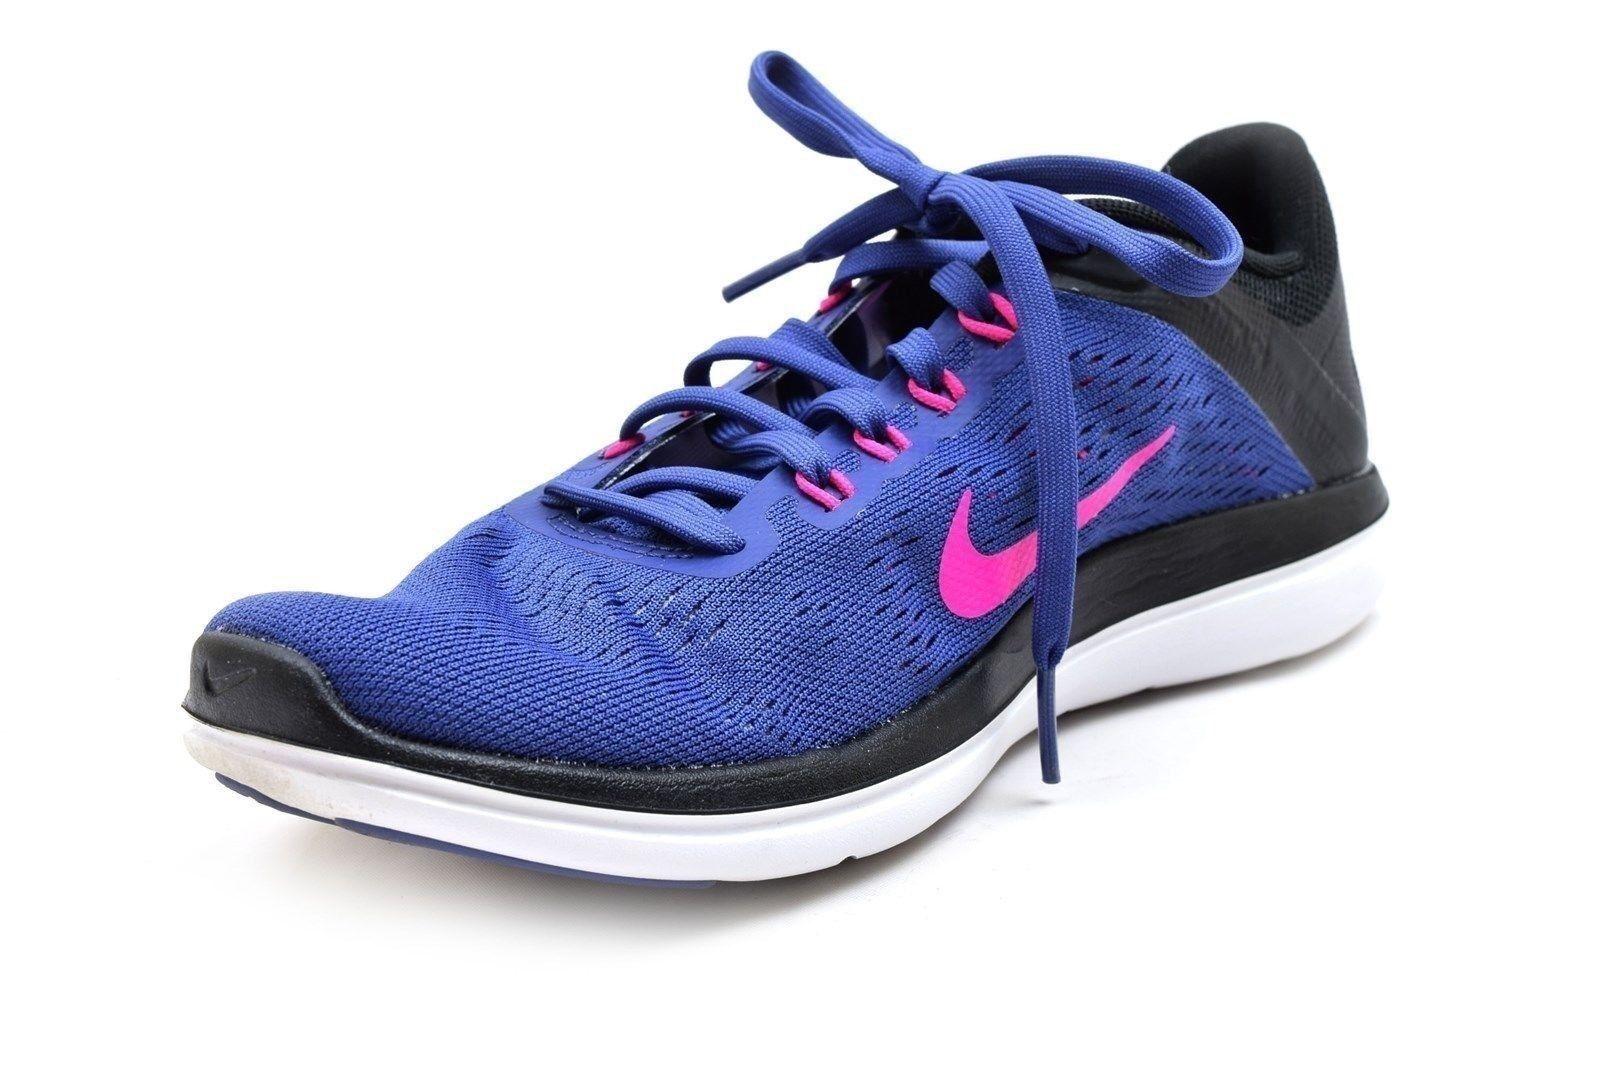 b15afe10bd492 Nike Womens Flex 2016 RN Size 6.5 Running Shoe - NIB